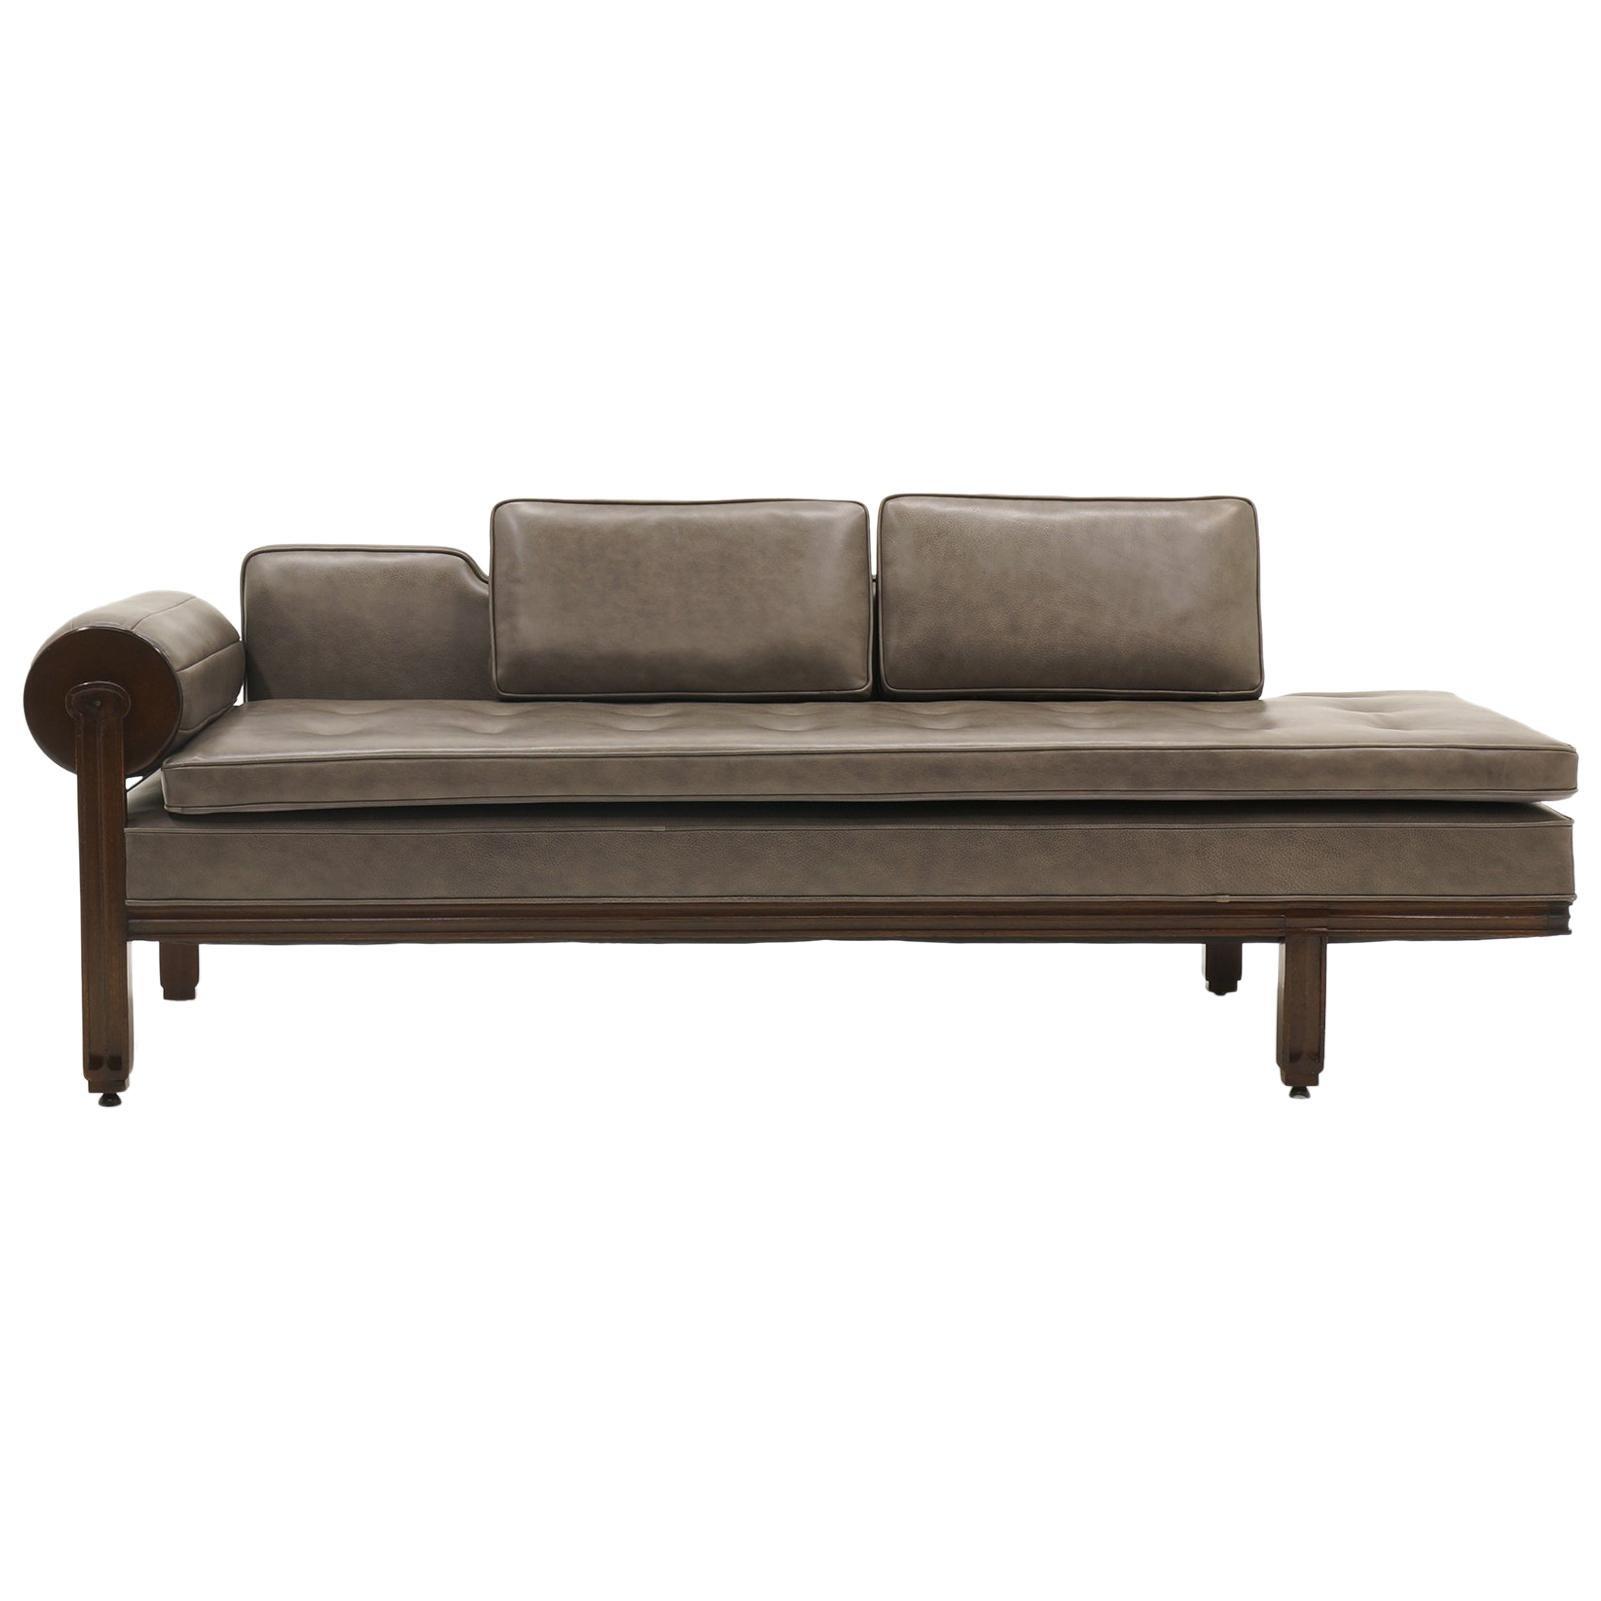 dunbar sofa 84 inch sessao de u2022 rh sessao de